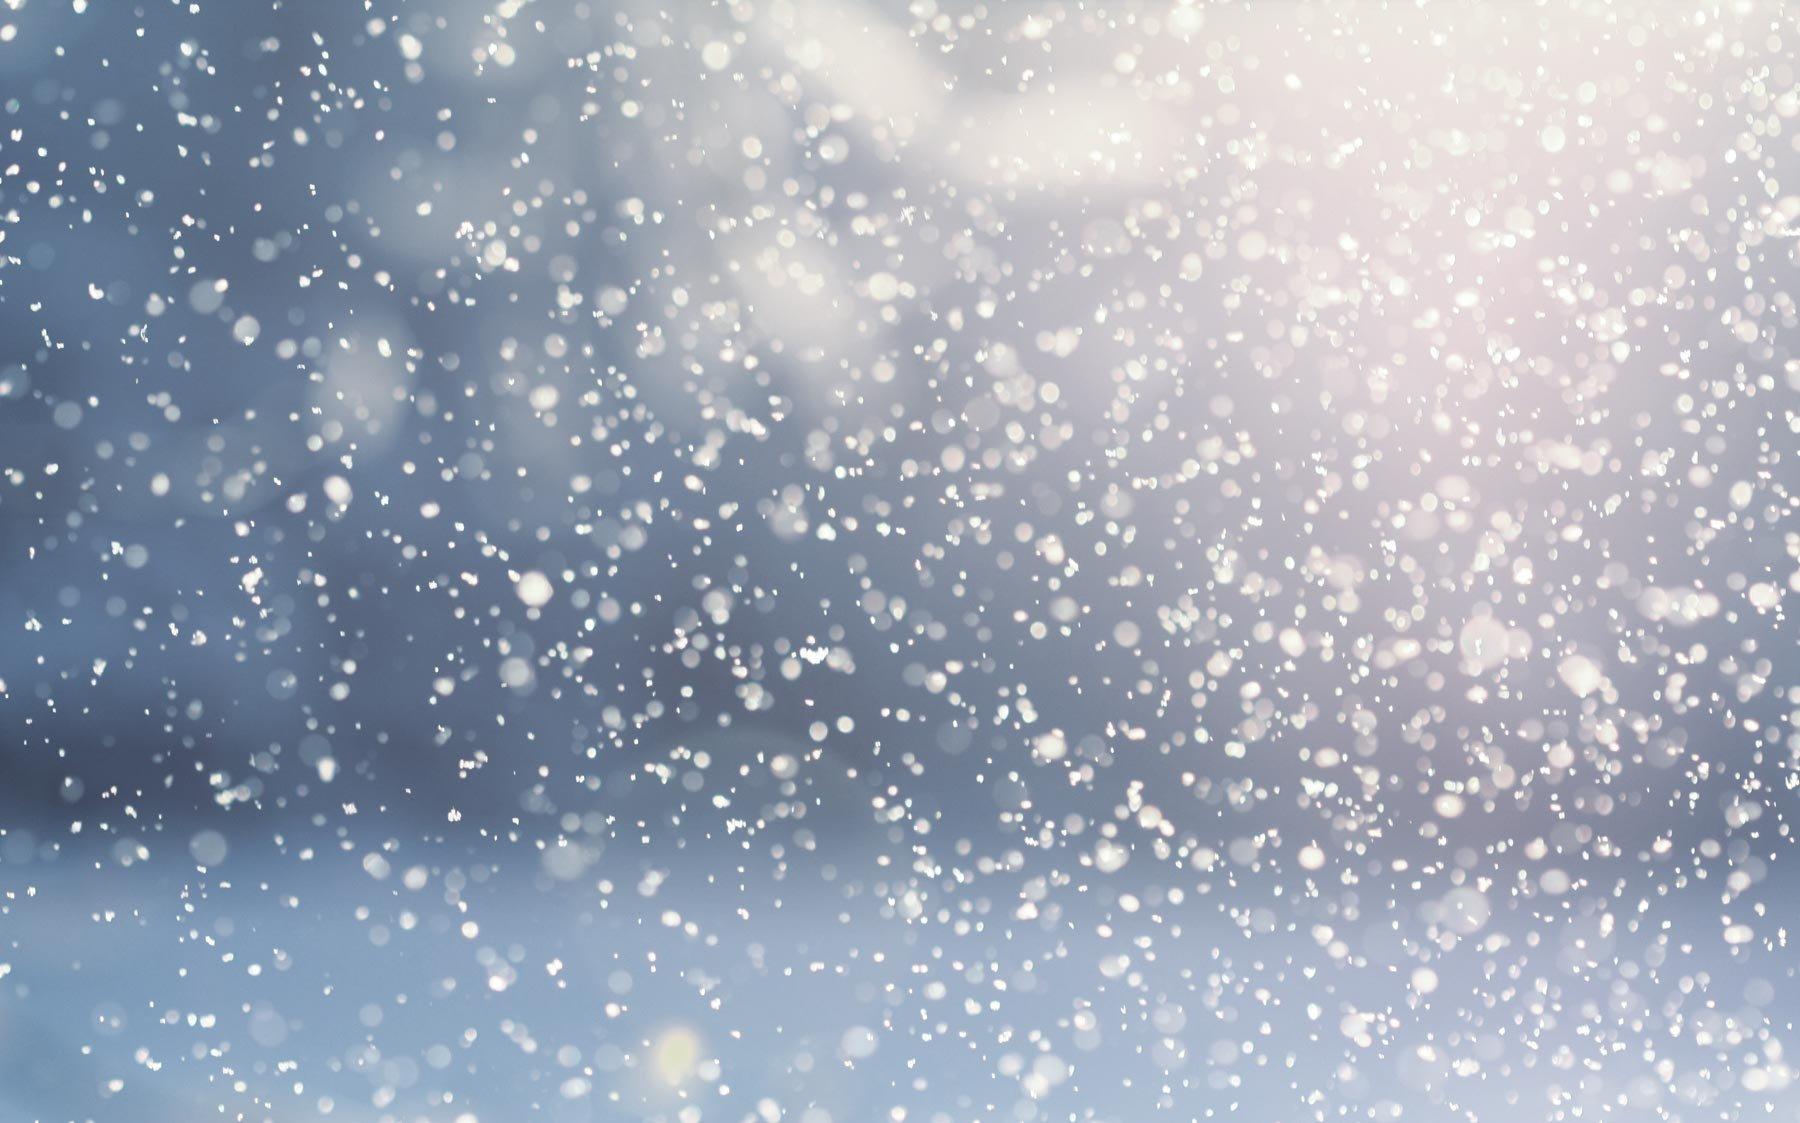 Погода в Казахстане: на севере страны ожидается снег